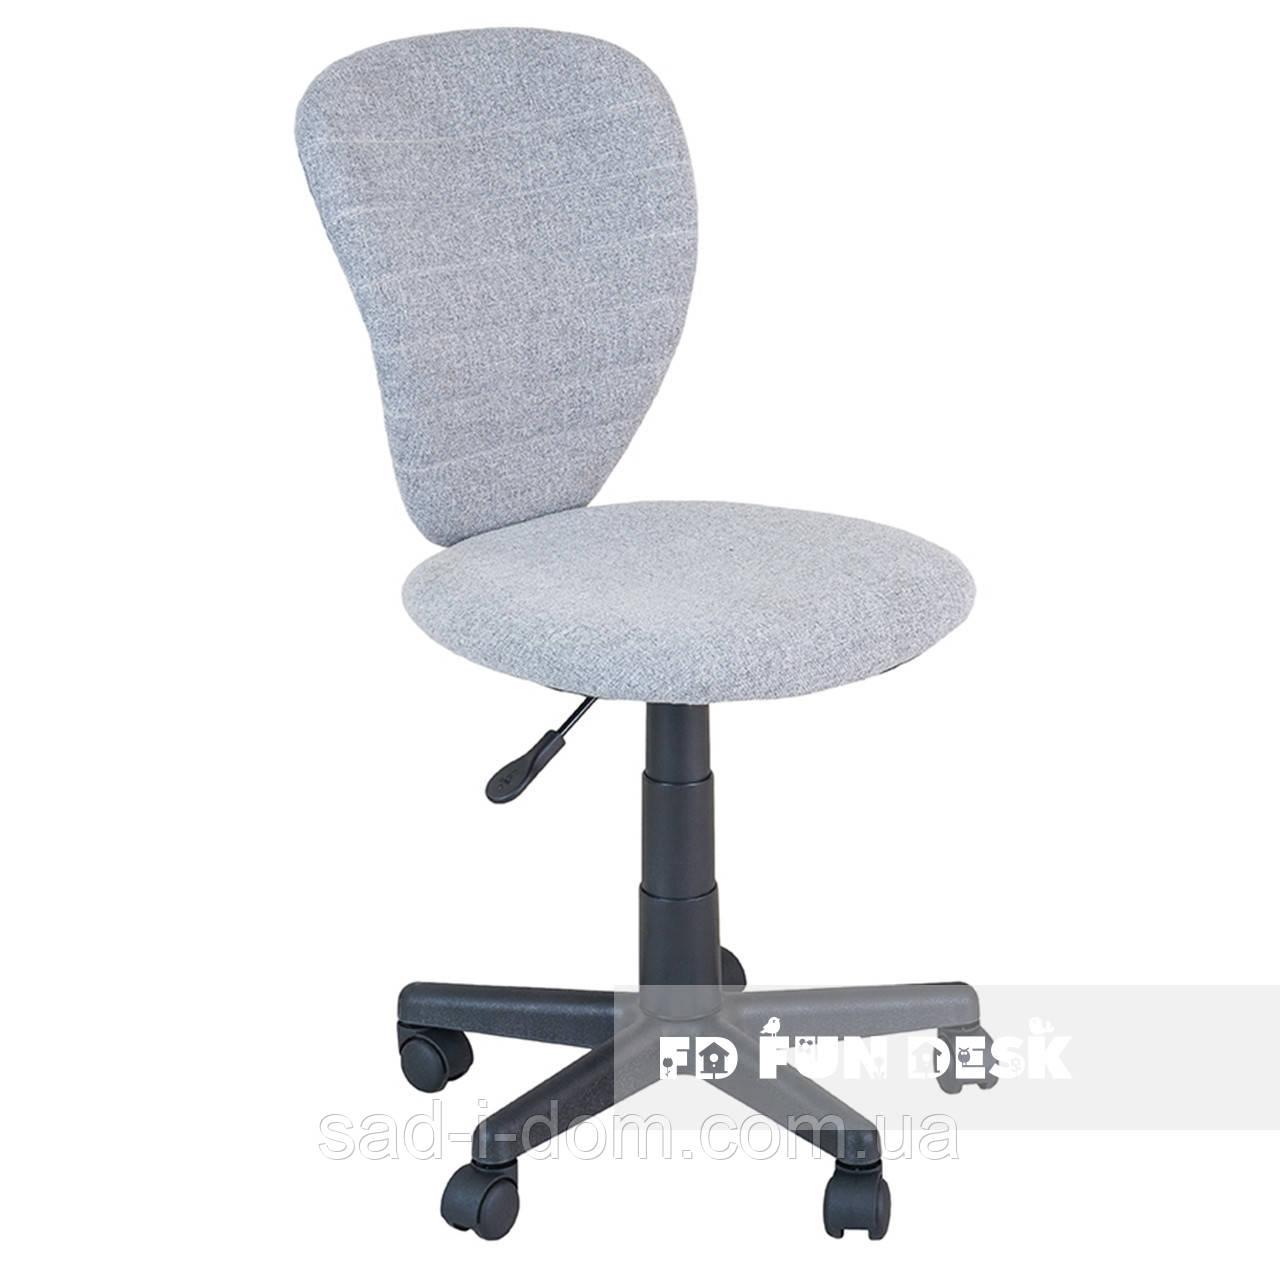 Детское компьютерное ортопедическое кресло FunDesk LST2, серое